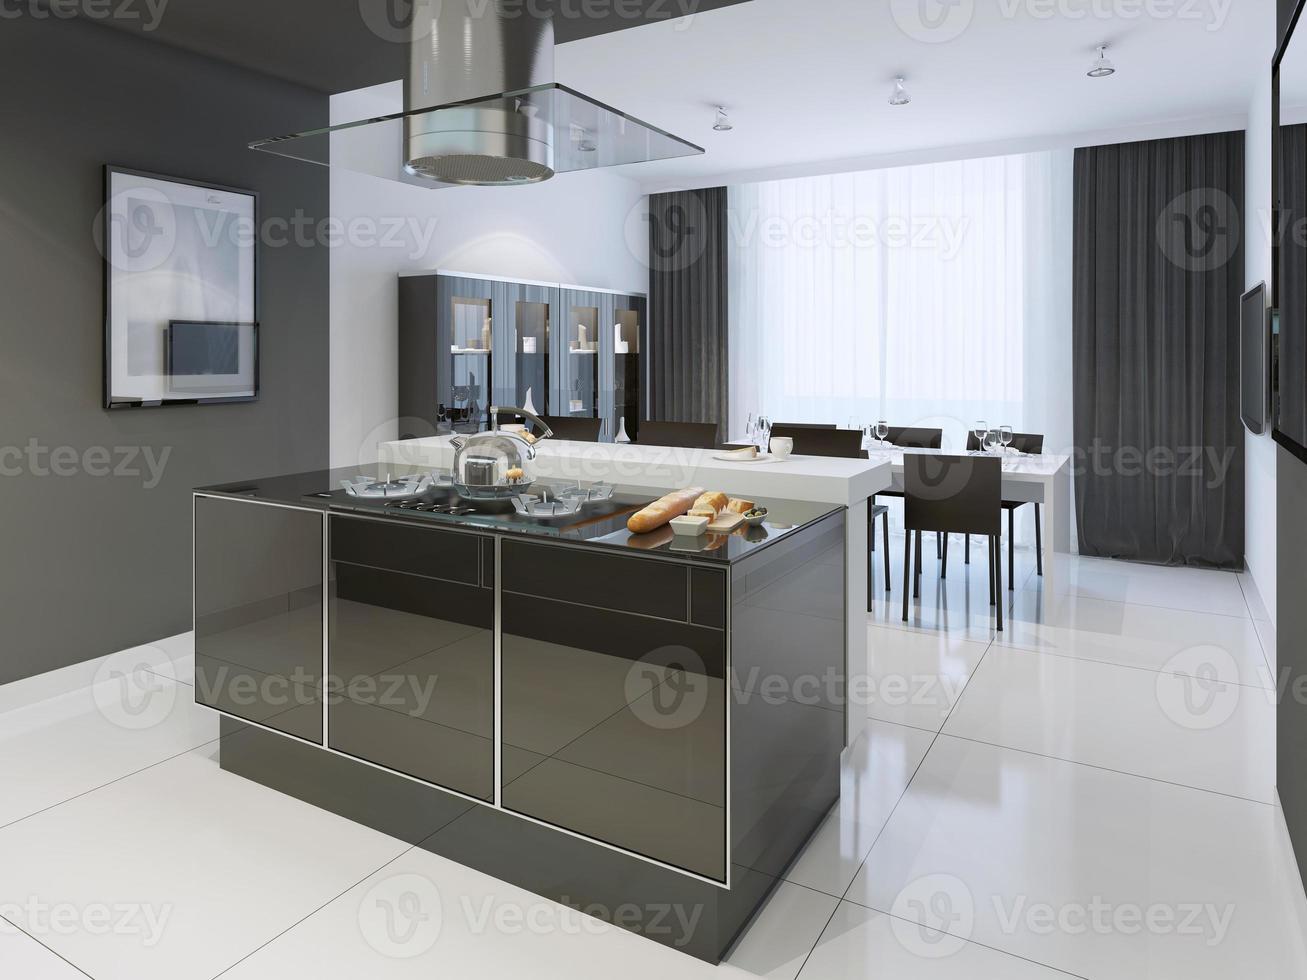 Schwarzweiss-Küche moderner Stil foto